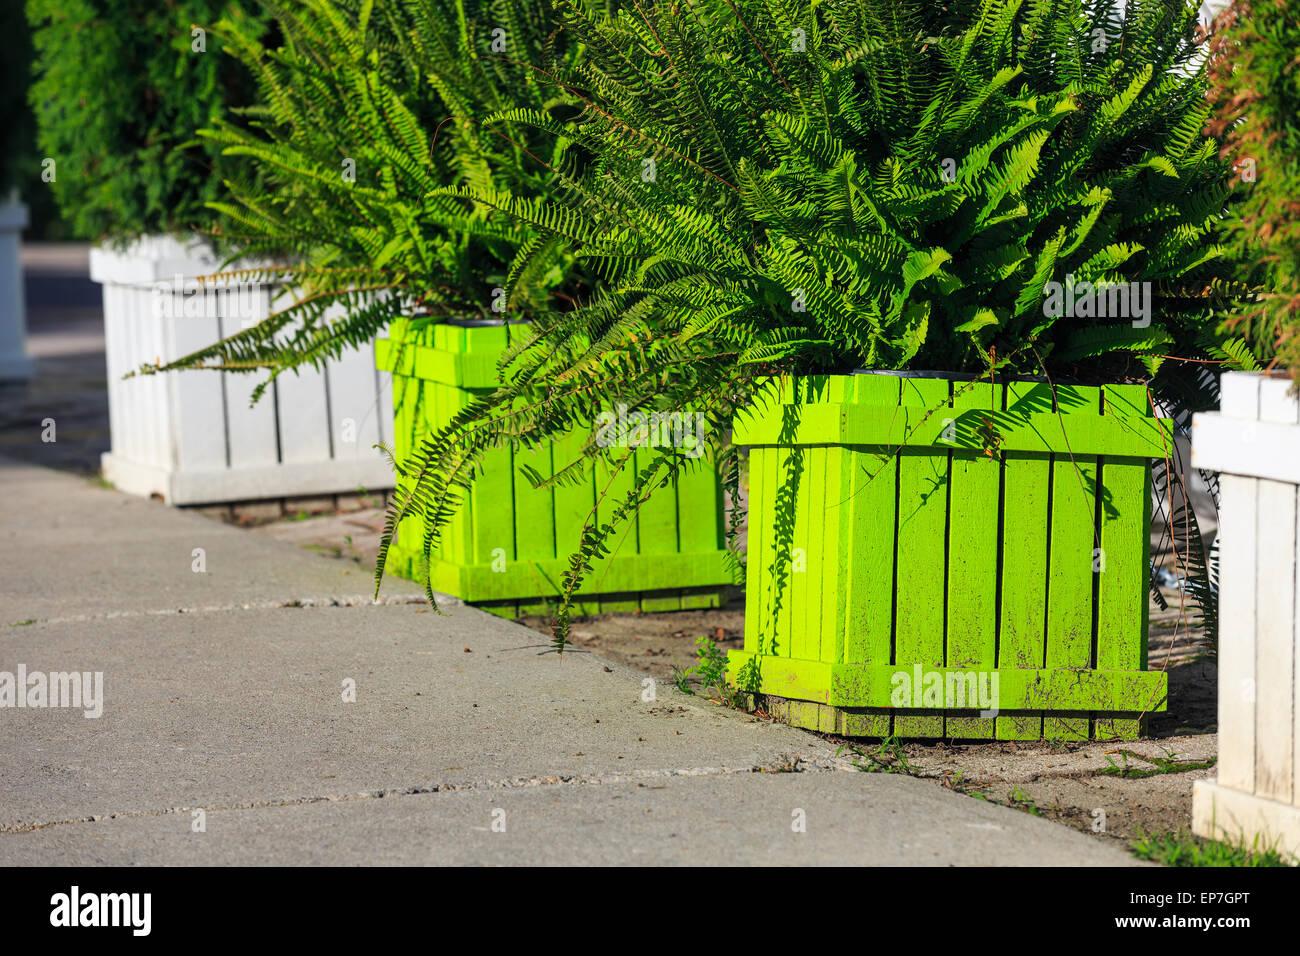 Hölzerne Blumenkästen mit Farnen auf einem Bürgersteig. Stockbild